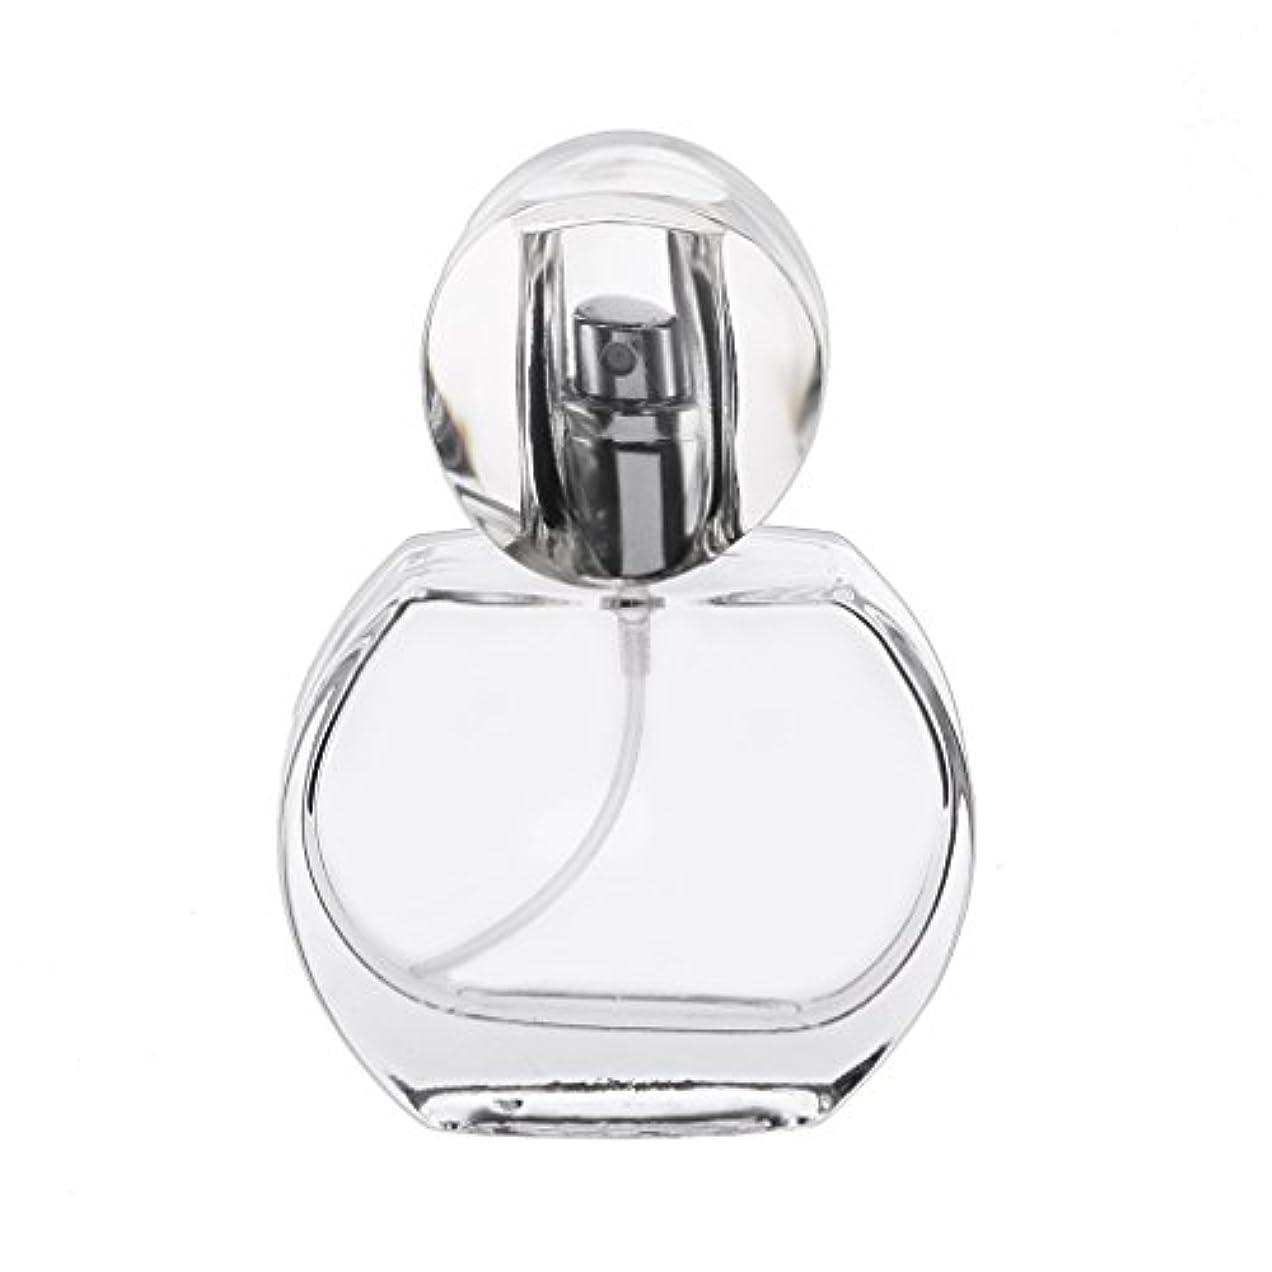 日曜日後ろにロマンチックSONONIA  30ml クリスタル エンプティ 空 香水瓶 スプレーボトル アトマイザー 詰め替え 携帯便利